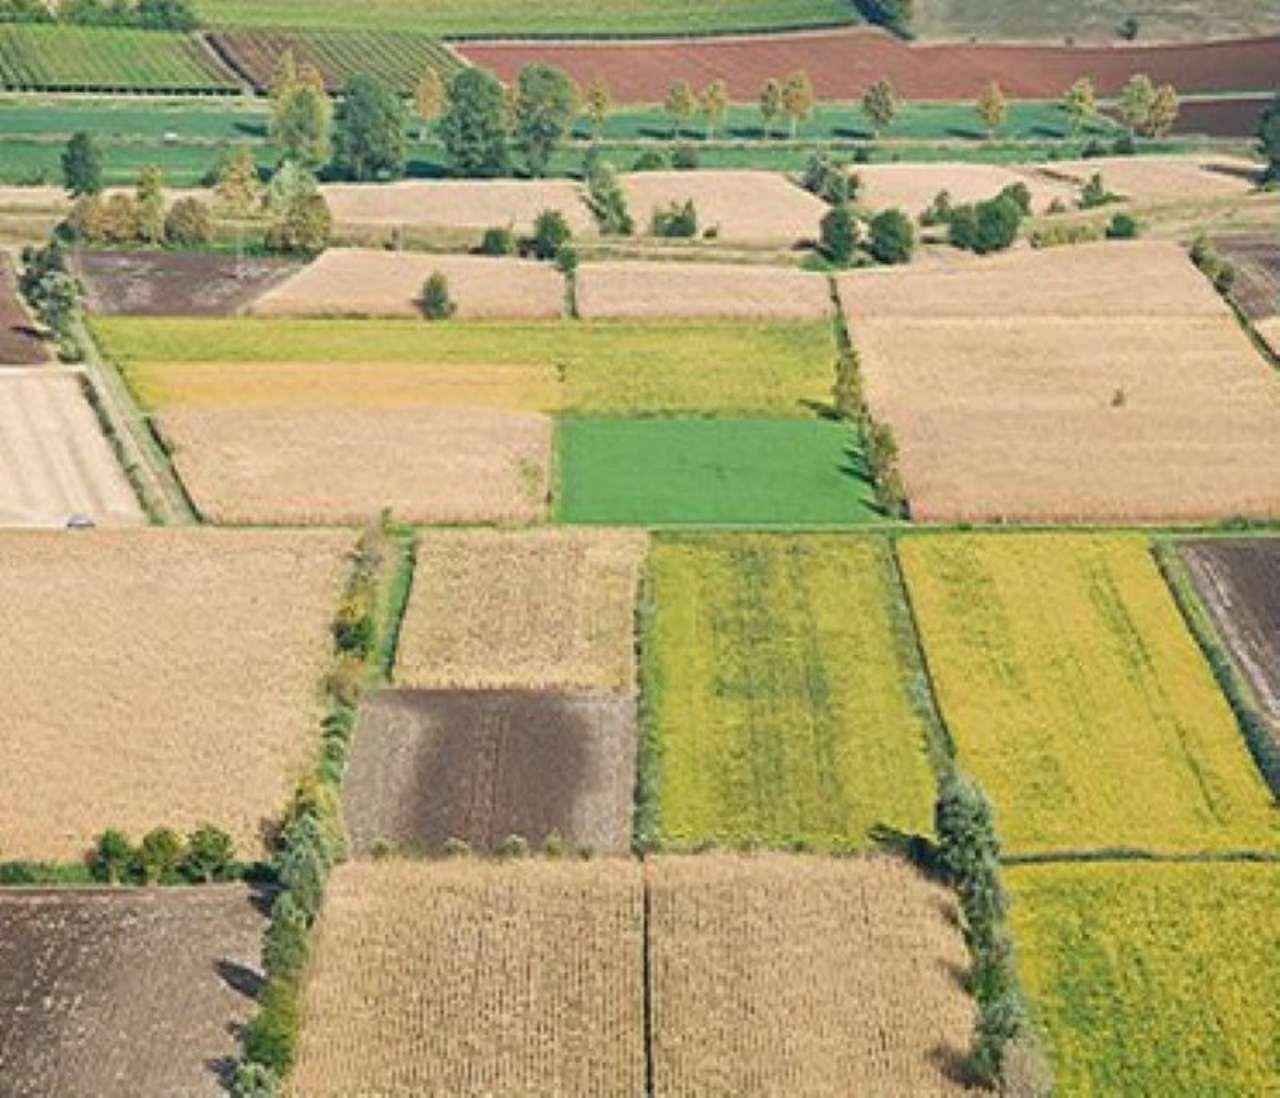 Terreno Agricolo in vendita a Gorla Minore, 1 locali, Trattative riservate | CambioCasa.it